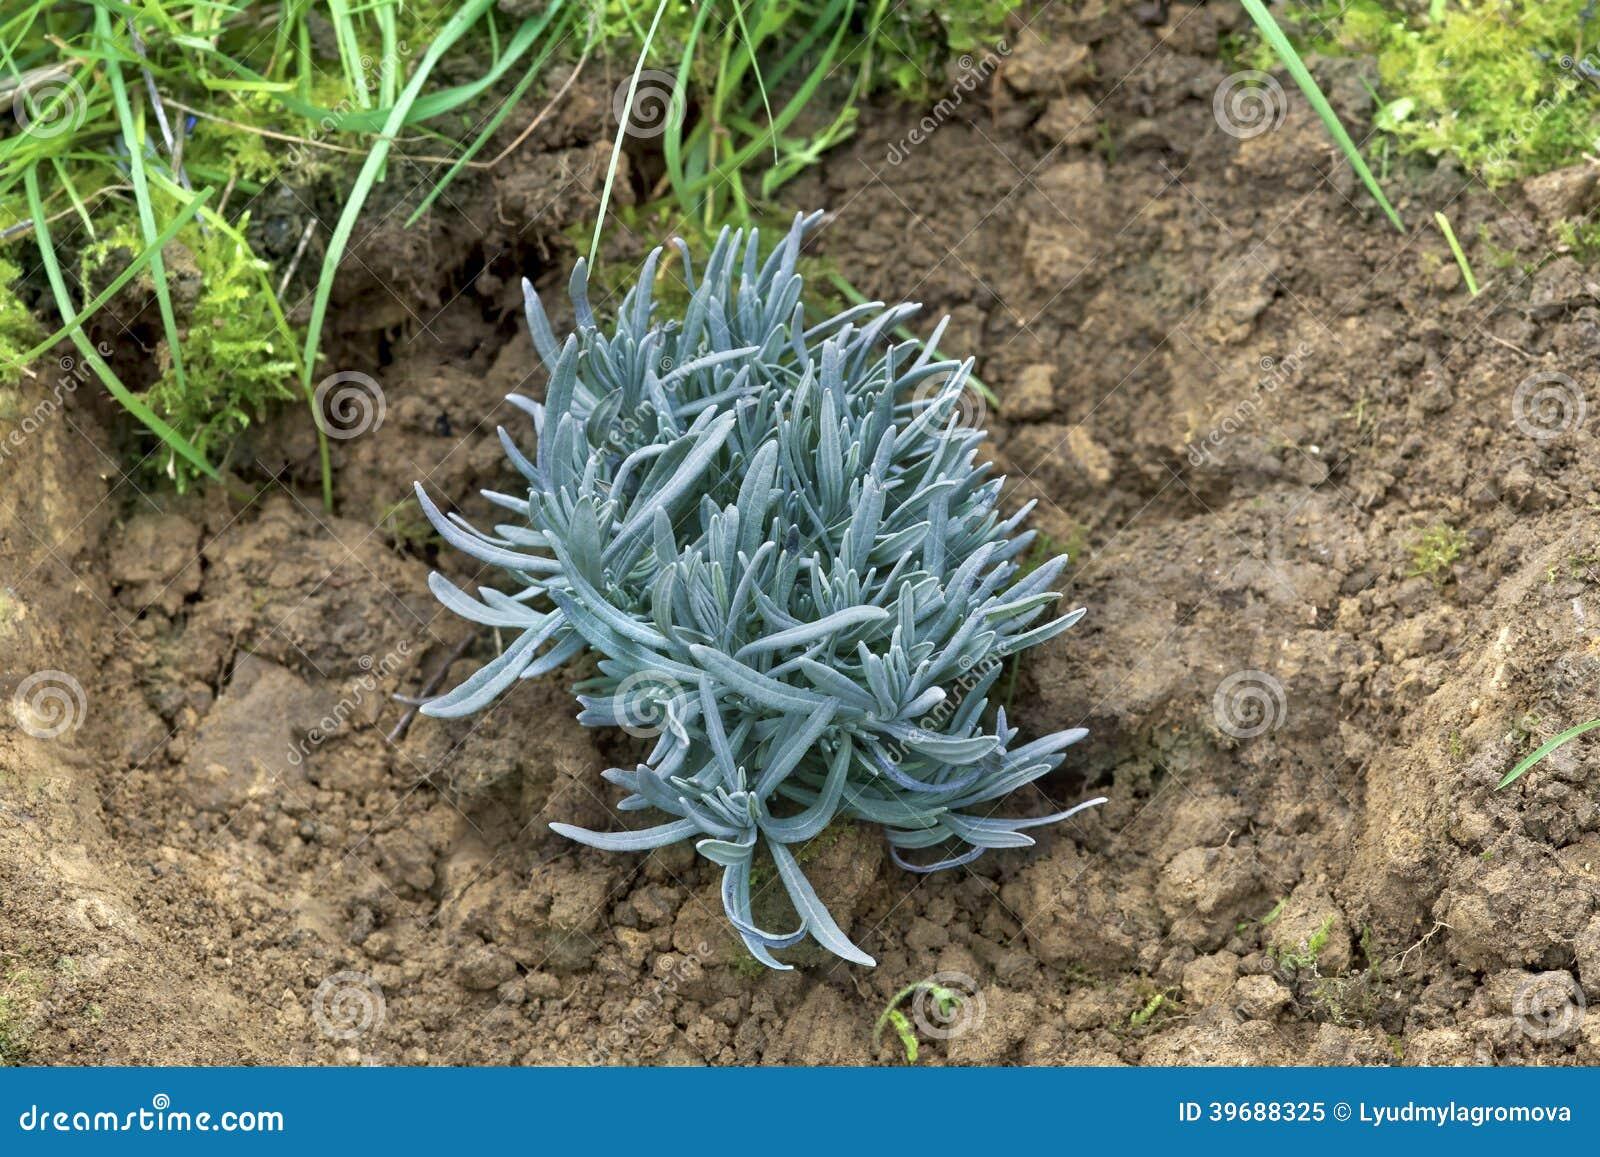 A lavender plant